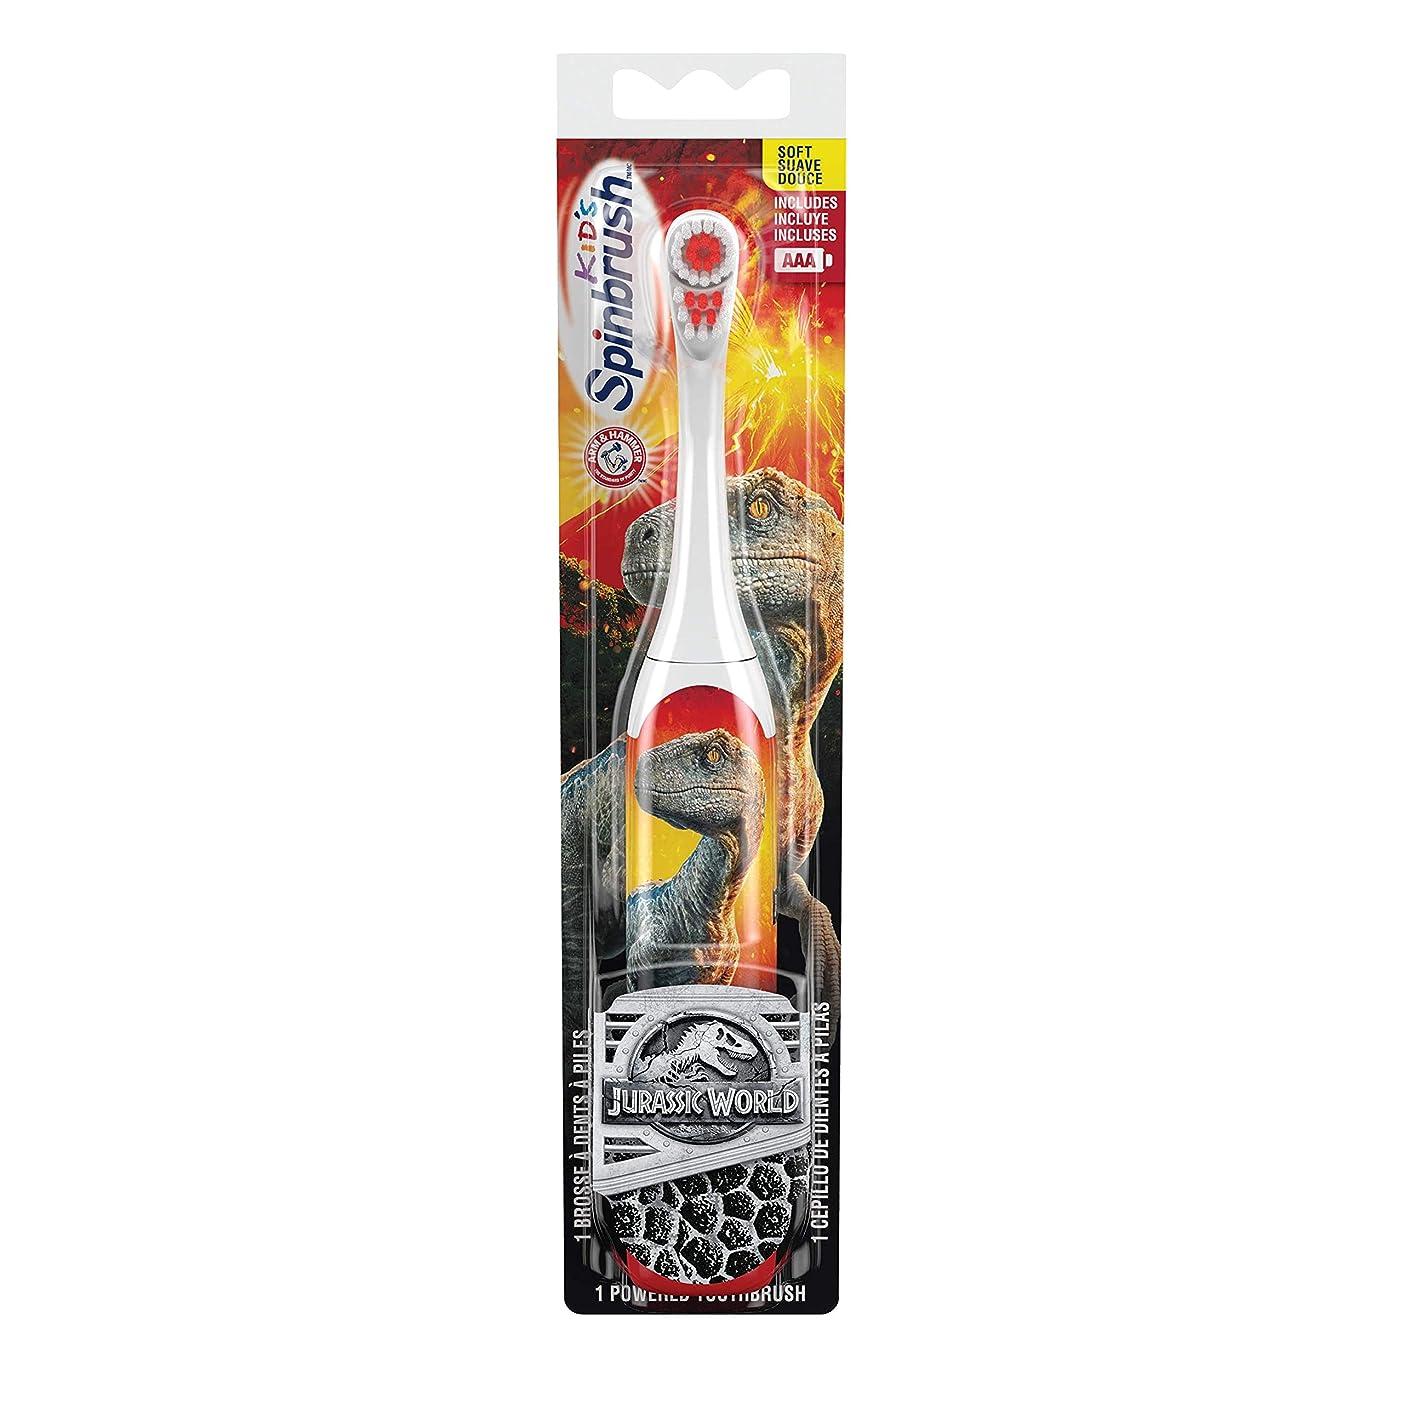 家庭デンマークまあ海外直送品 お子様用ジェラシックワールド電動歯ブラシ 〈ソフト〉 ARM & HAMMER? Spinbrush? Jurrassic World 1 Powerd Thoothblash Soft